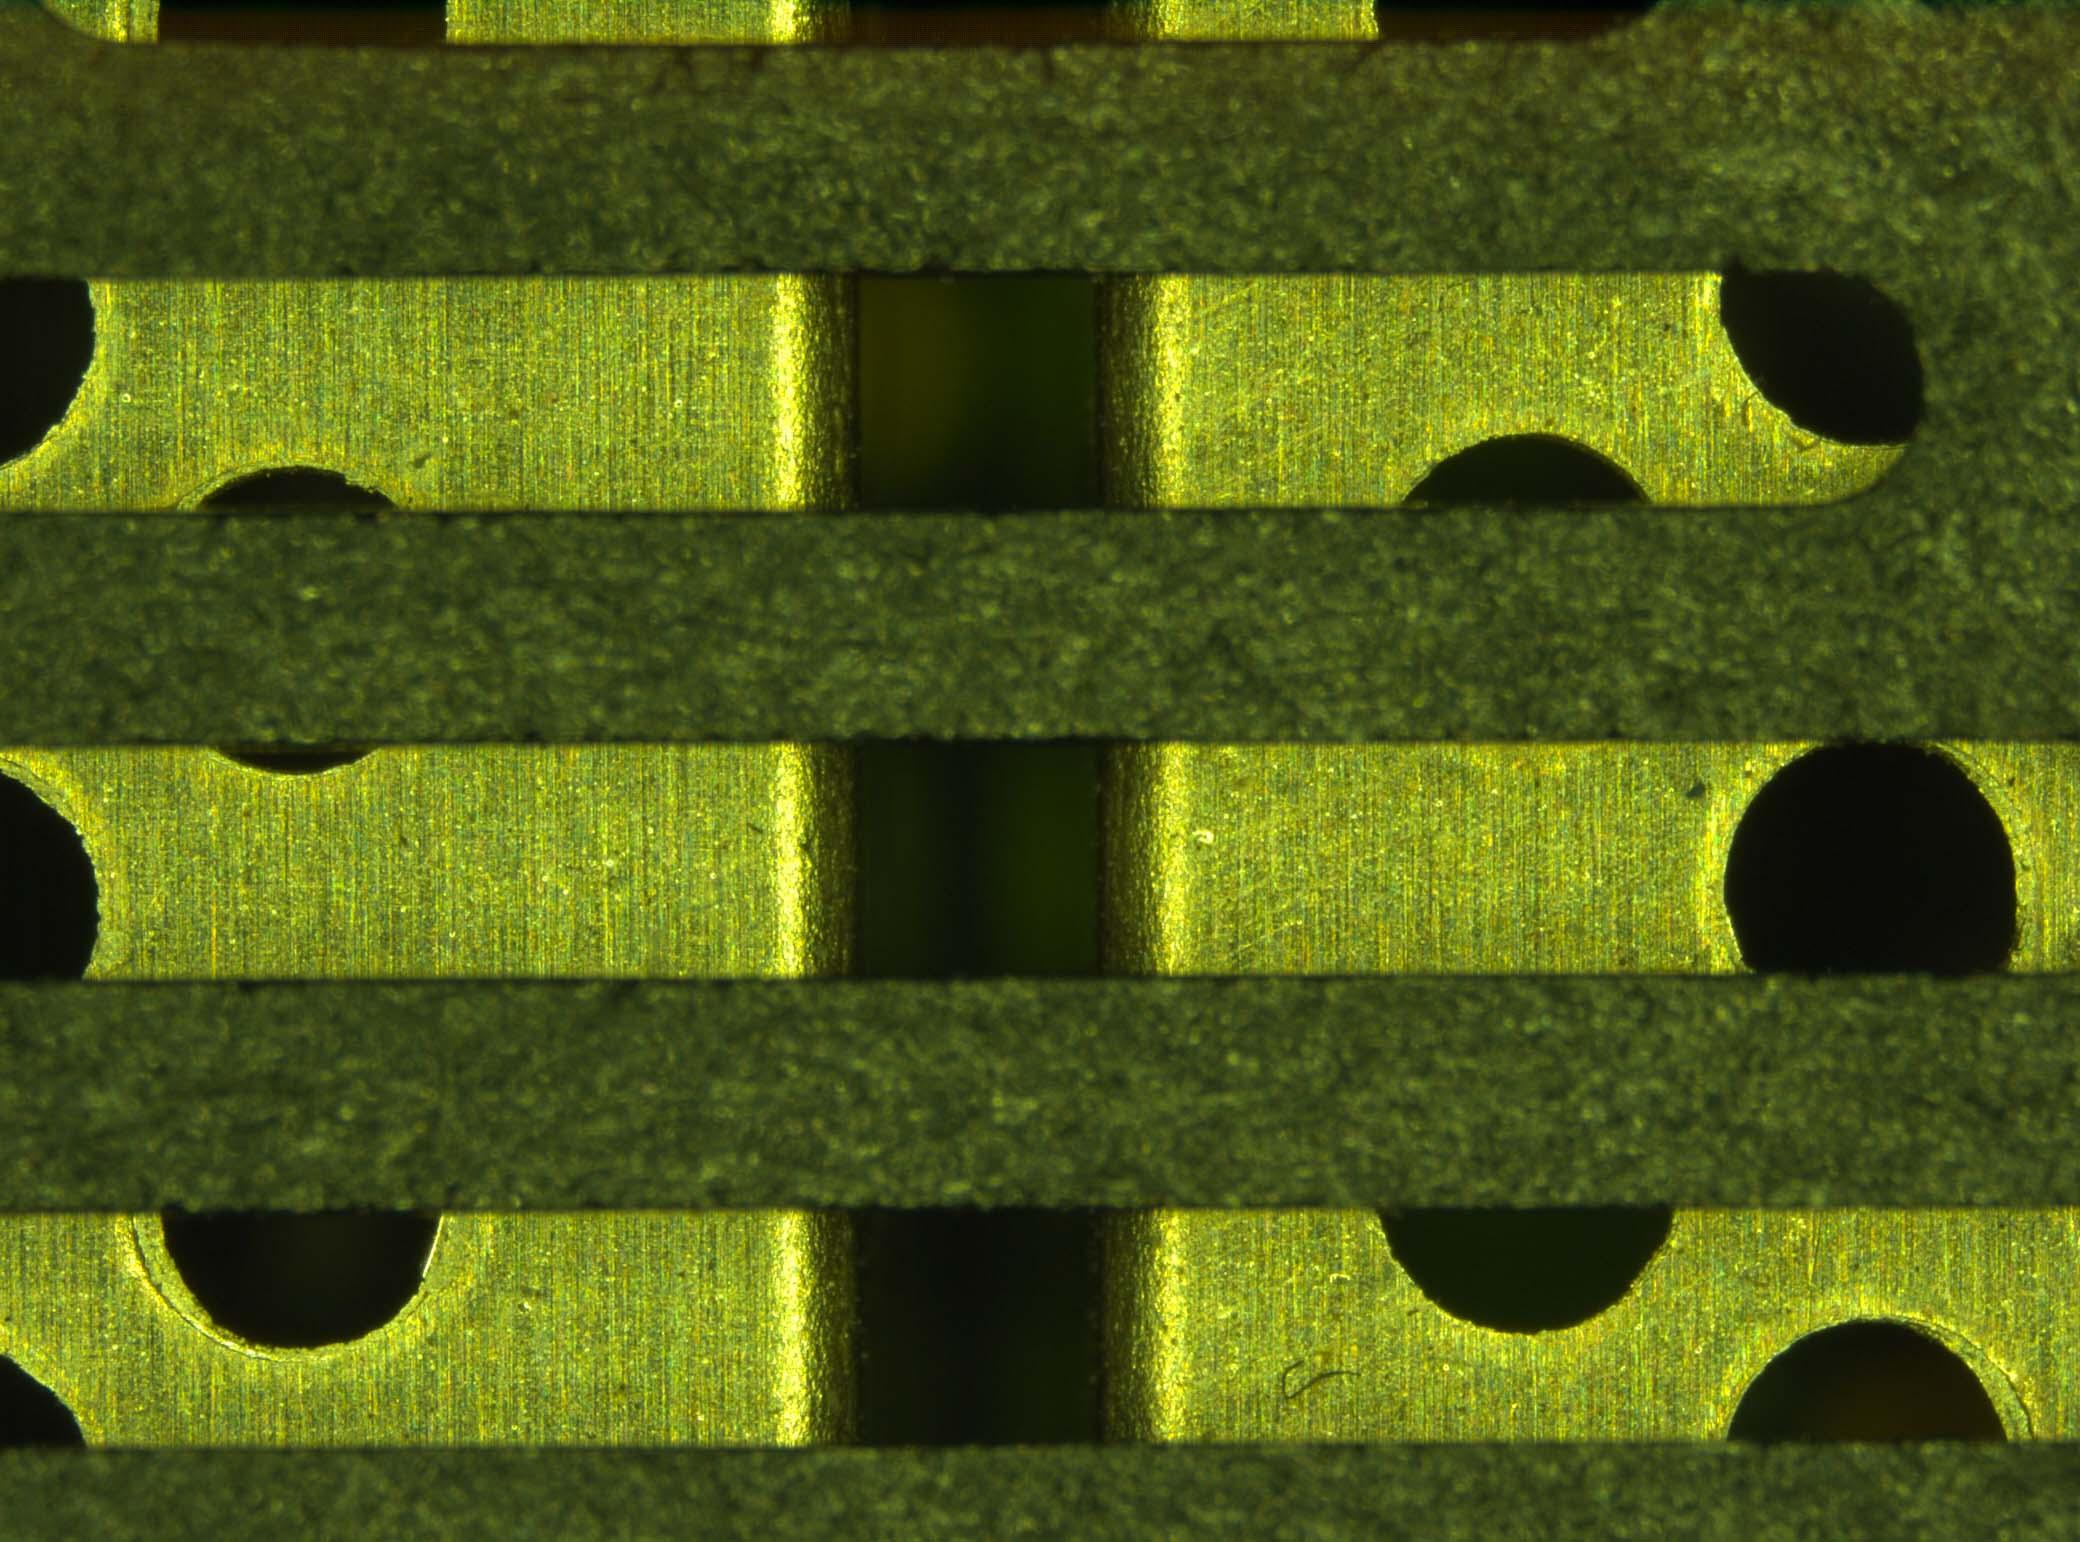 德国耶拿ProgRes C3 科学级专业CCD摄像头